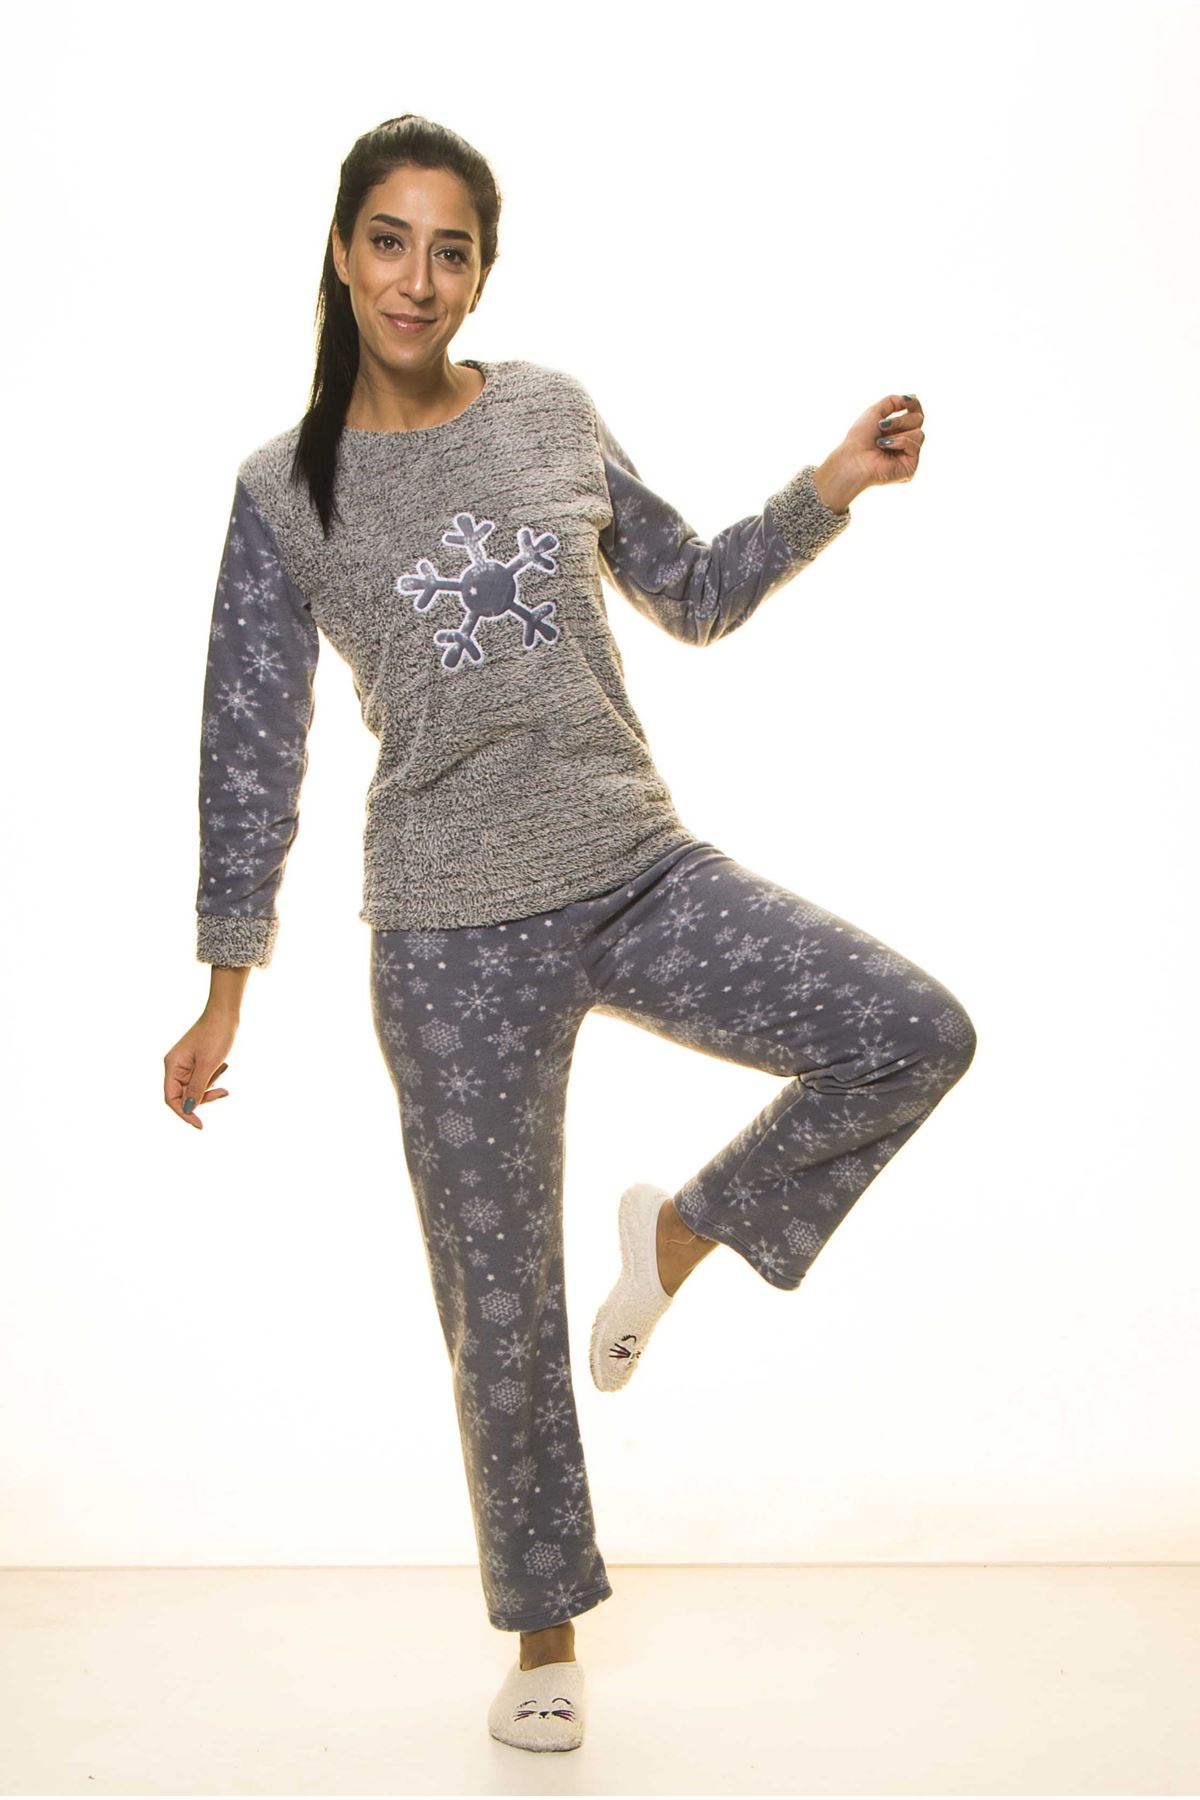 Antrasit Kışlık Kar Tanesi Welsoft Peluş Pijama 14C-2043